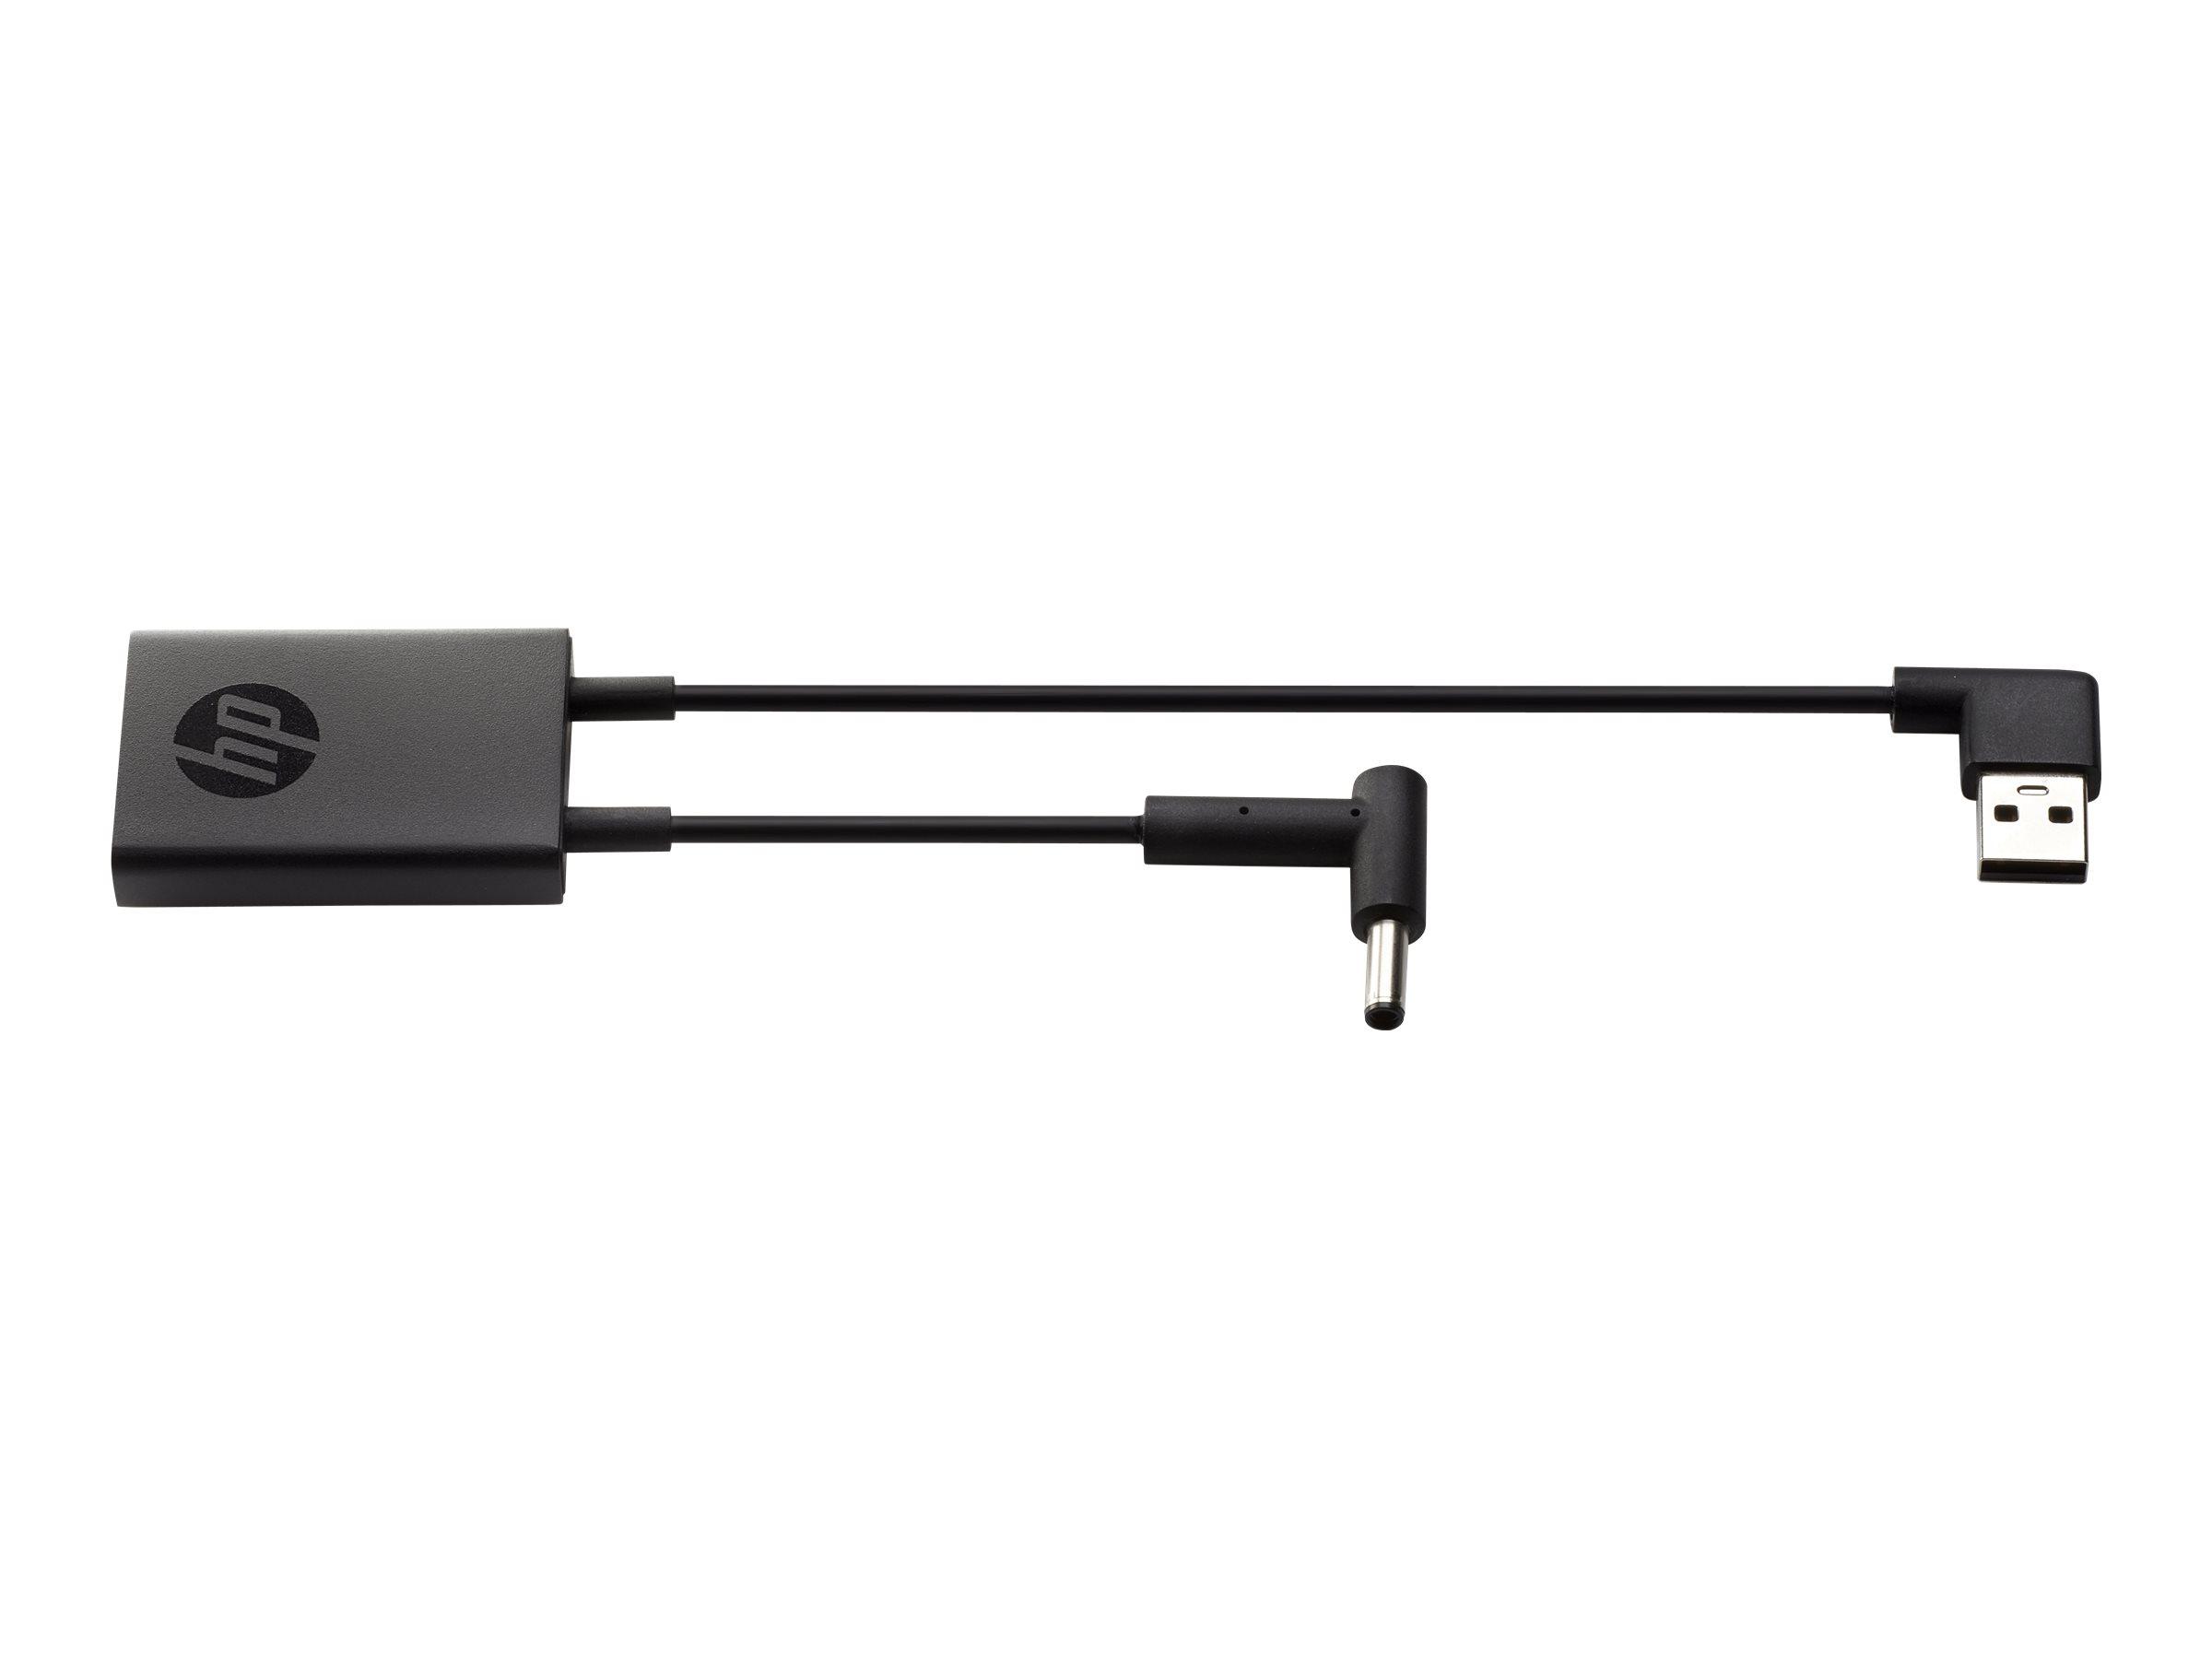 HP HSA-B006 - Adapter für Docking-Station - für EliteBook 735 G6, 745 G6; Mobile Thin Client mt45; ProBook 455r G6, 640 G5, 650